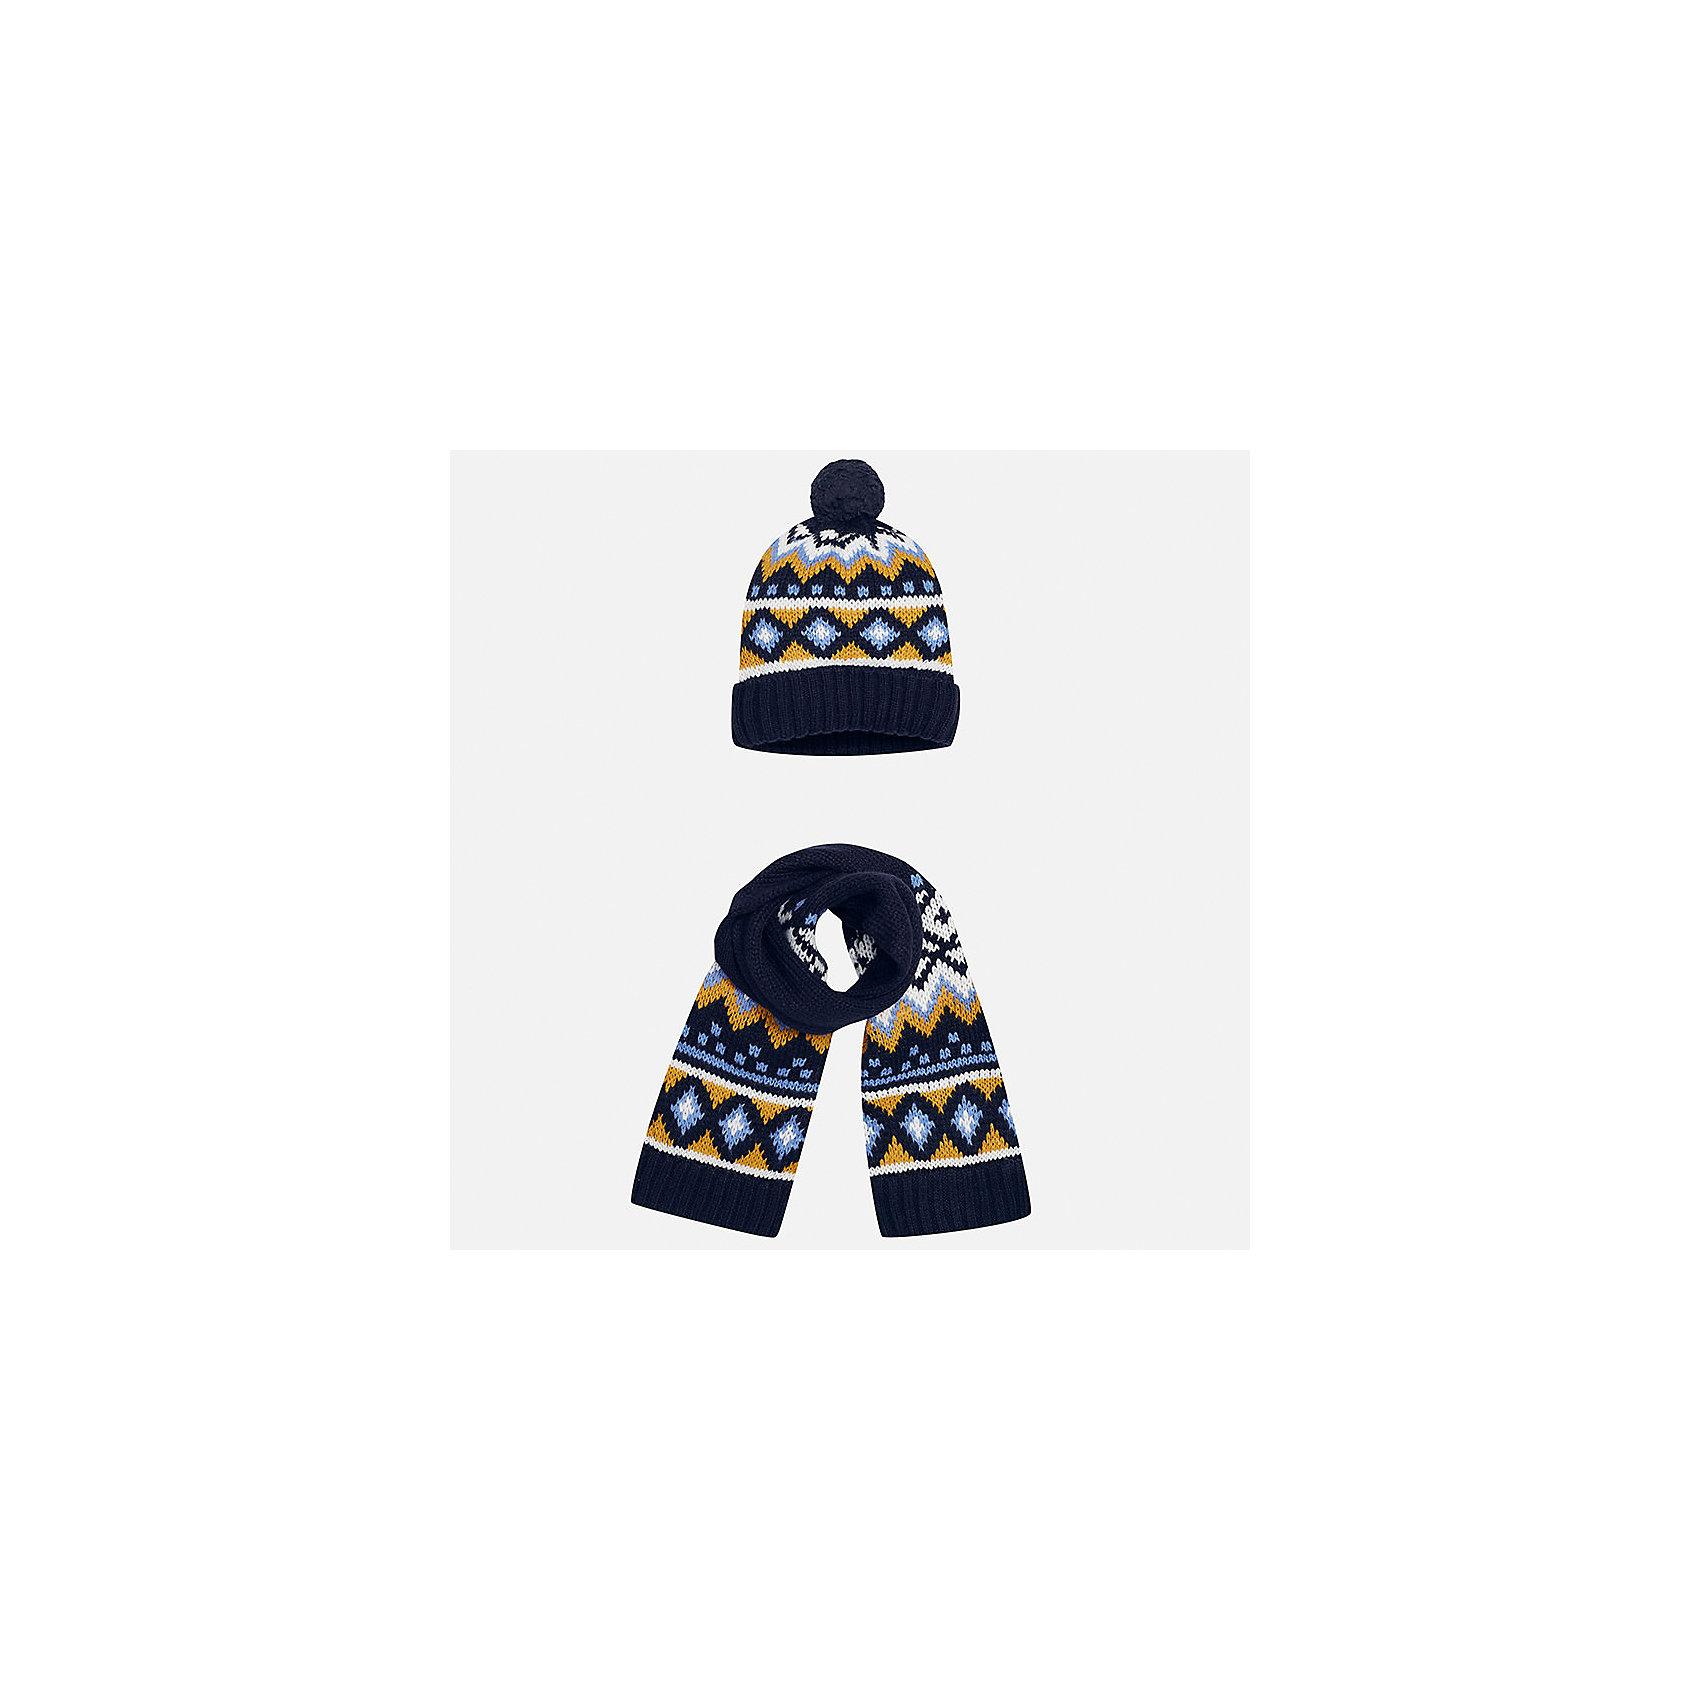 Комплект: шапка и шарф Mayoral для мальчикаШарфы, платки<br>Характеристики товара:<br><br>• цвет: темно-синий<br>• состав ткани: 85% акрил, 15% шерсть<br>• сезон: демисезон<br>• комплектация: шапка, шарф<br>• страна бренда: Испания<br>• страна изготовитель: Индия<br><br>Такой стильный набор из шапки и шарфа поможет обеспечить ребенку тепло и комфорт. Детский демисезонный комплект от бренда Майорал смотрится модно и оригинально. Шапка и шарф от испанской компании Mayoral отличаются оригинальным и стильным дизайном. Качество продукции неизменно очень высокое.<br><br>Комплект: шапка и шарф для мальчика Mayoral (Майорал) можно купить в нашем интернет-магазине.<br><br>Ширина мм: 89<br>Глубина мм: 117<br>Высота мм: 44<br>Вес г: 155<br>Цвет: темно-синий<br>Возраст от месяцев: 12<br>Возраст до месяцев: 18<br>Пол: Мужской<br>Возраст: Детский<br>Размер: one size<br>SKU: 6939072